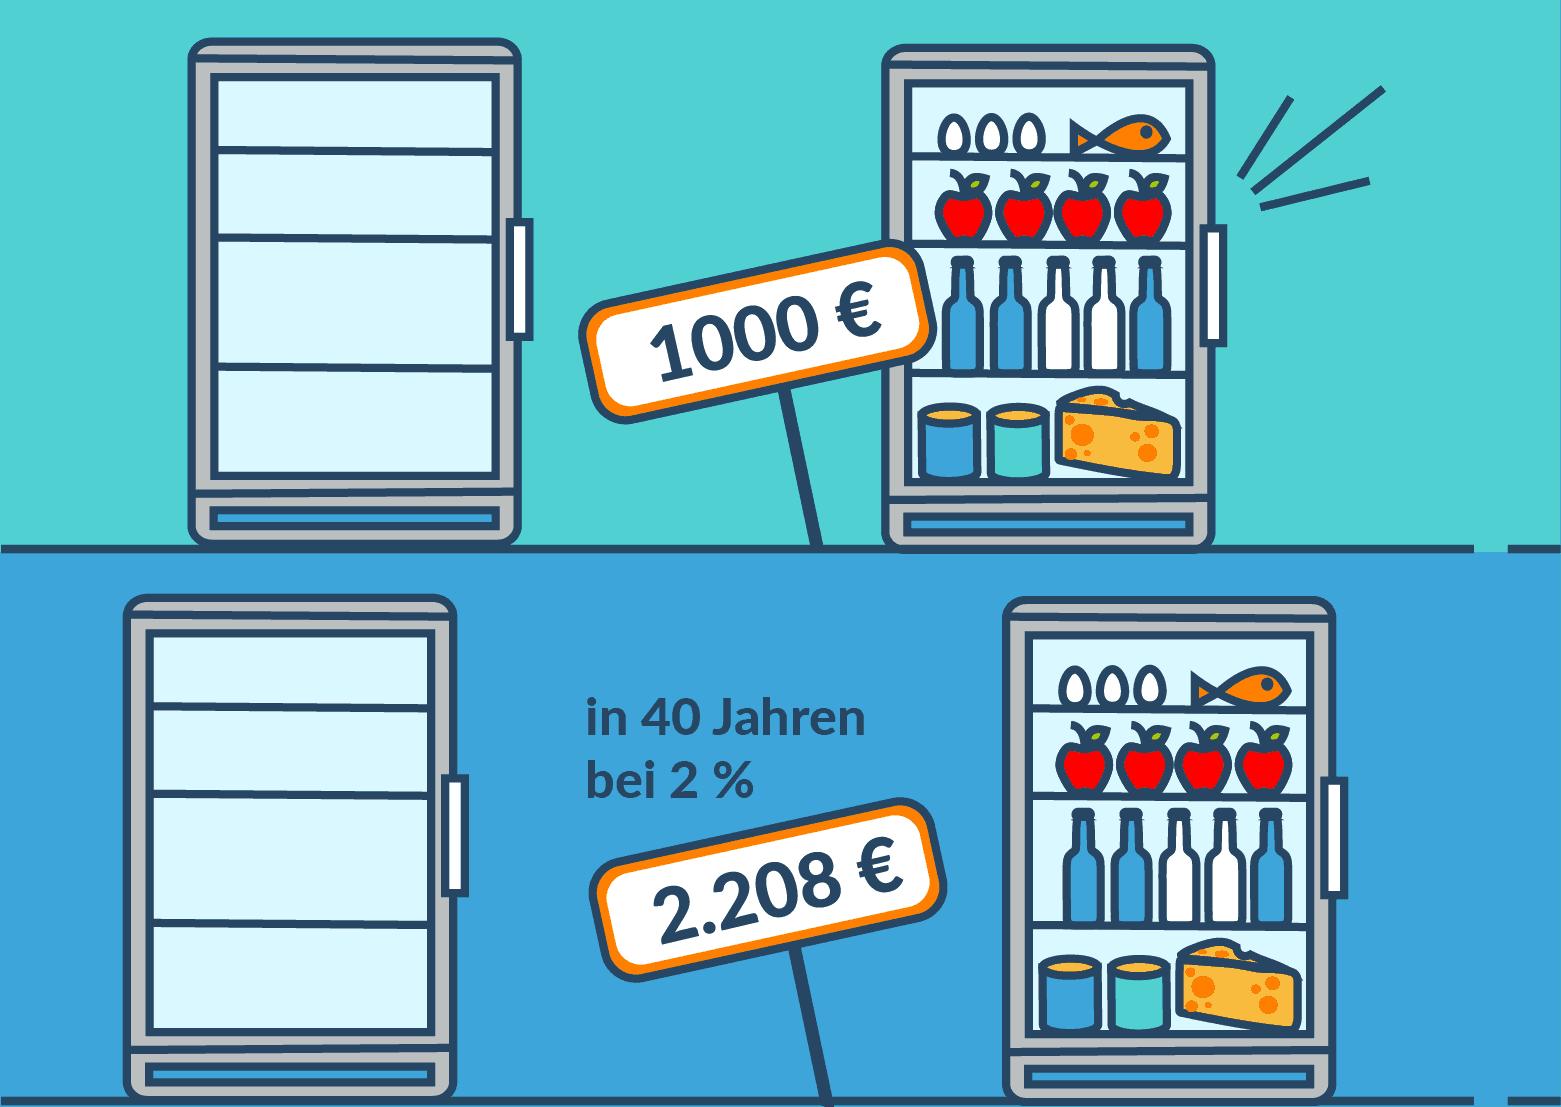 Kühlschrank befüllen mit Inflation